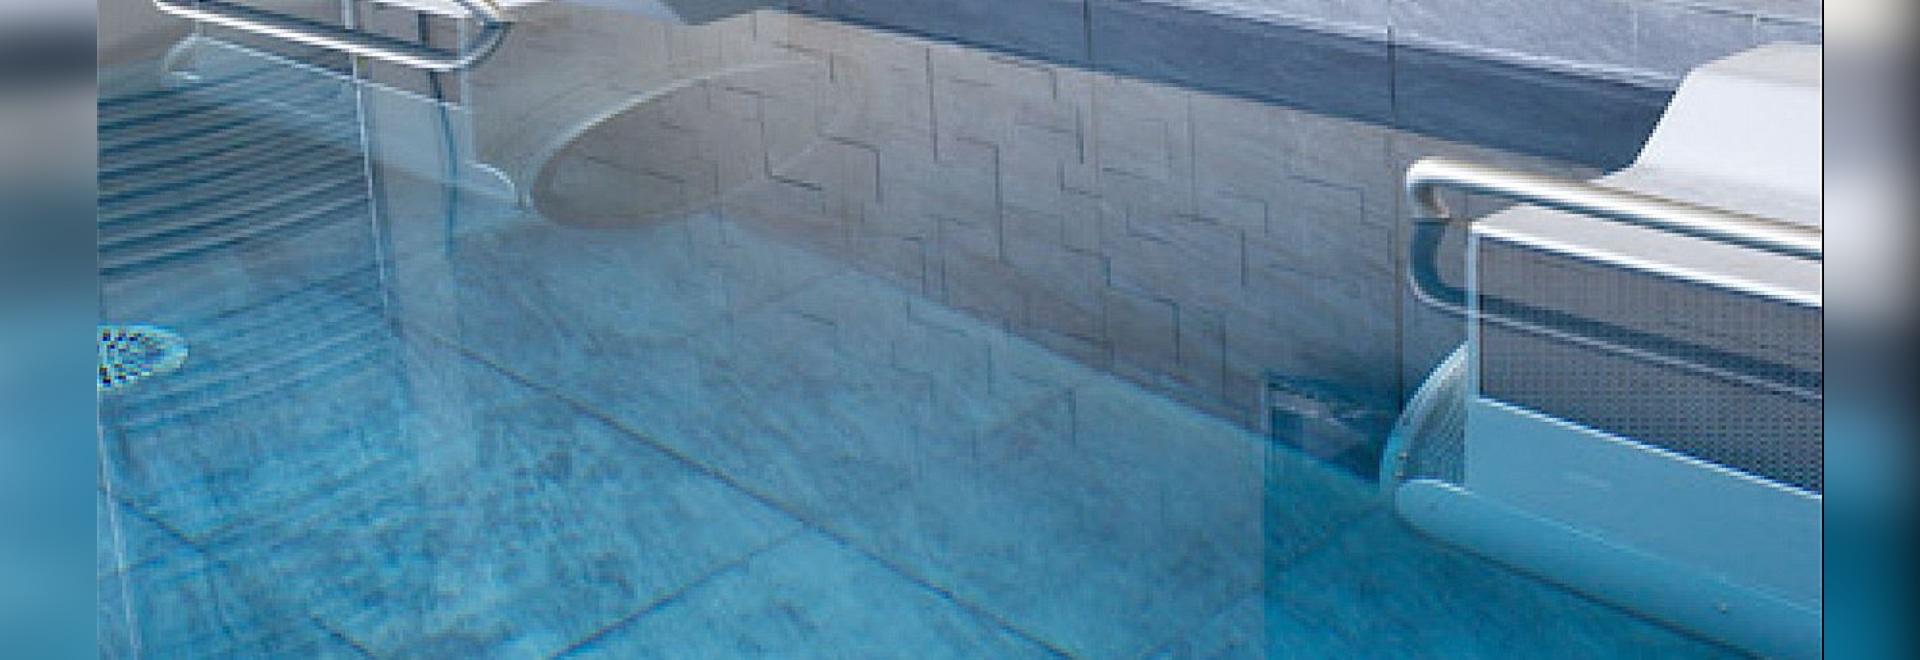 Counter current unit swimming pools for swim training - GUNCAST ...